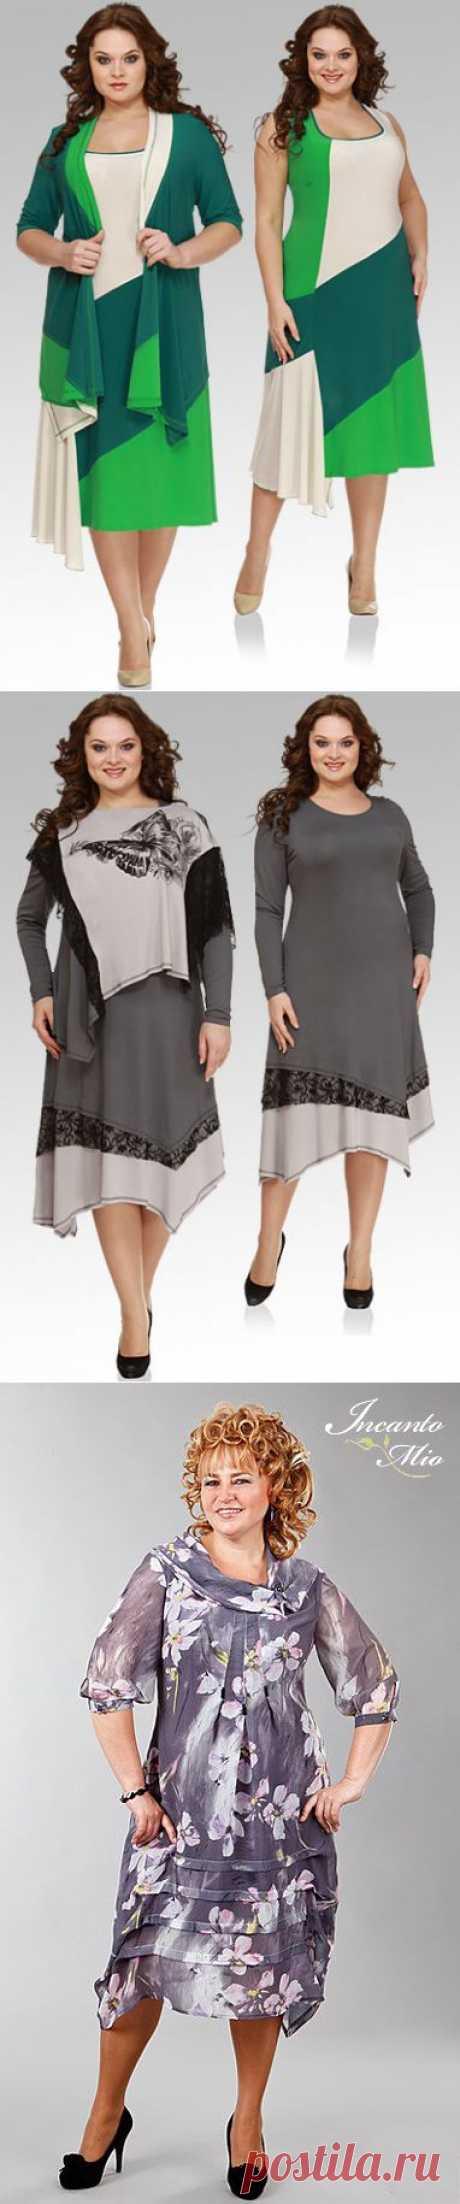 Повседневная одежда для женщин весомых достоинств - 2.